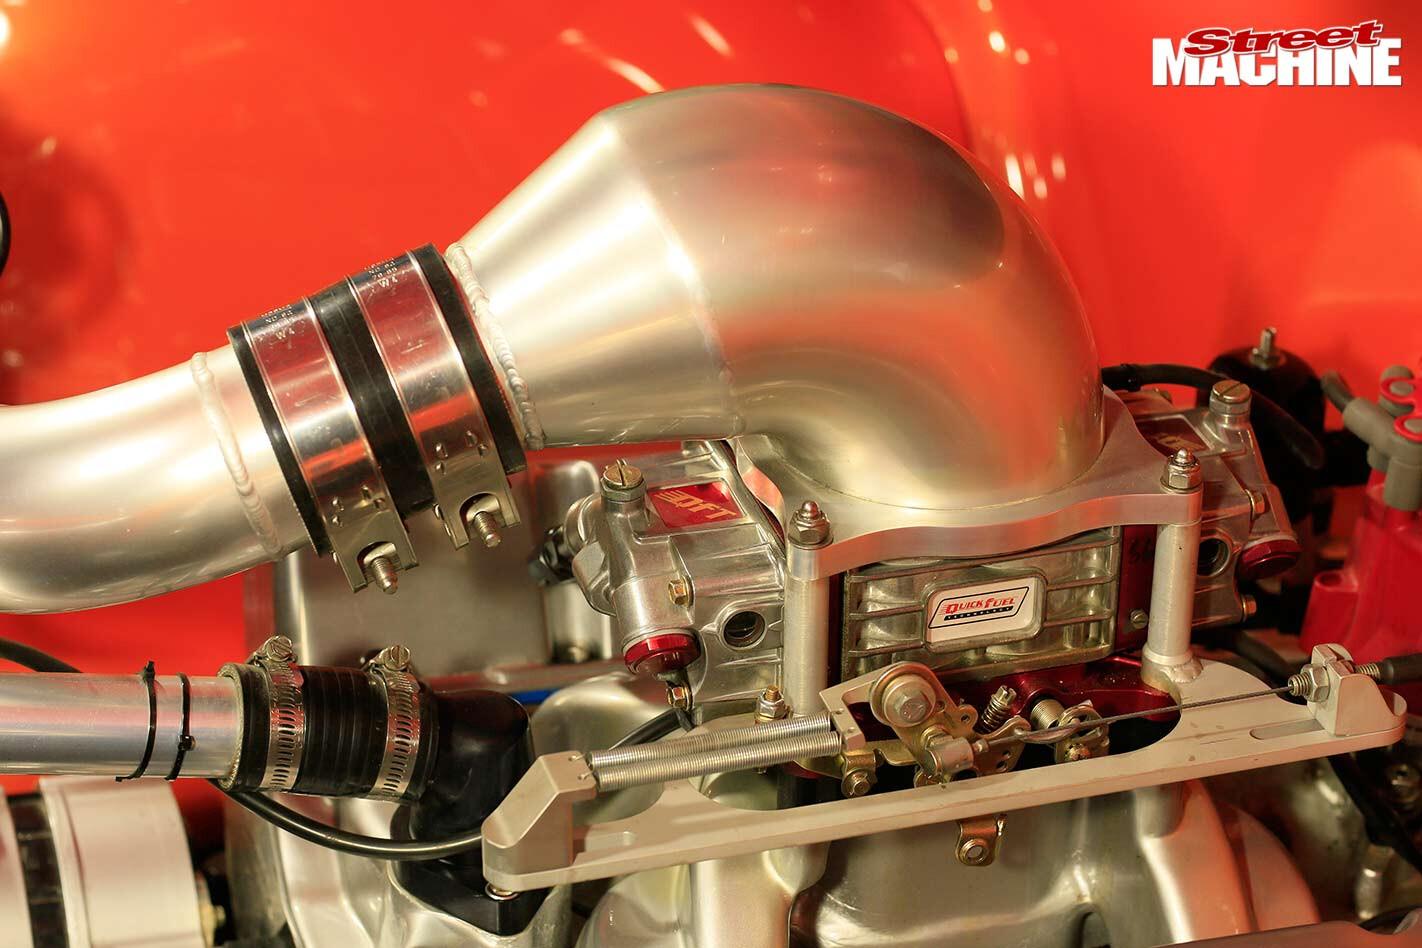 C10 stepside pick-up engine